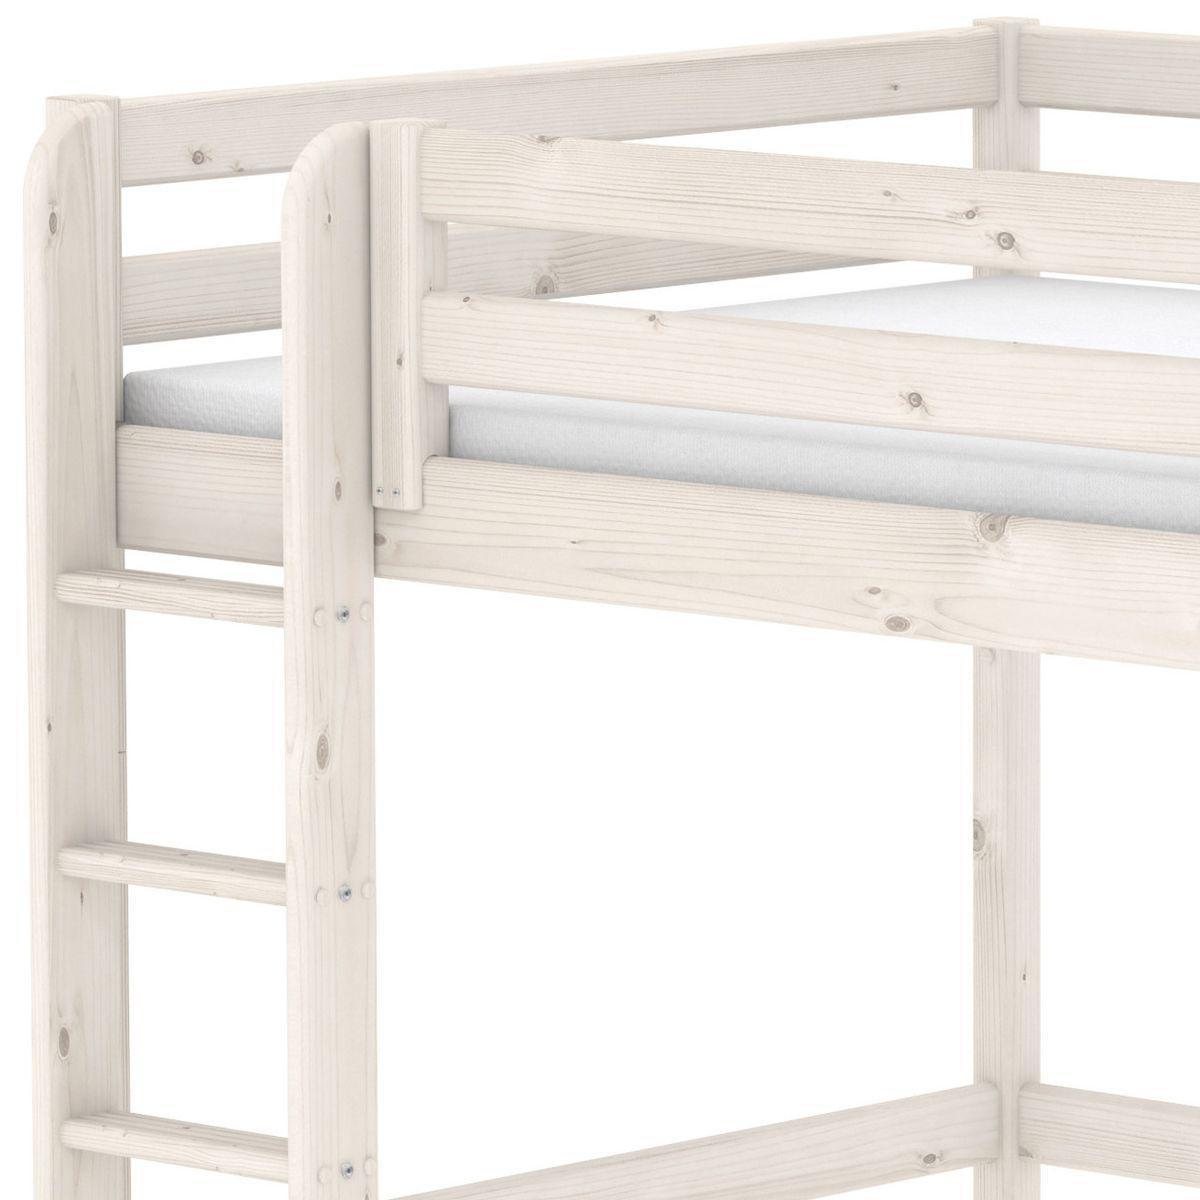 Lit mezzanine enfant 140x200 CLASSIC FLEXA échelle droite blanchi